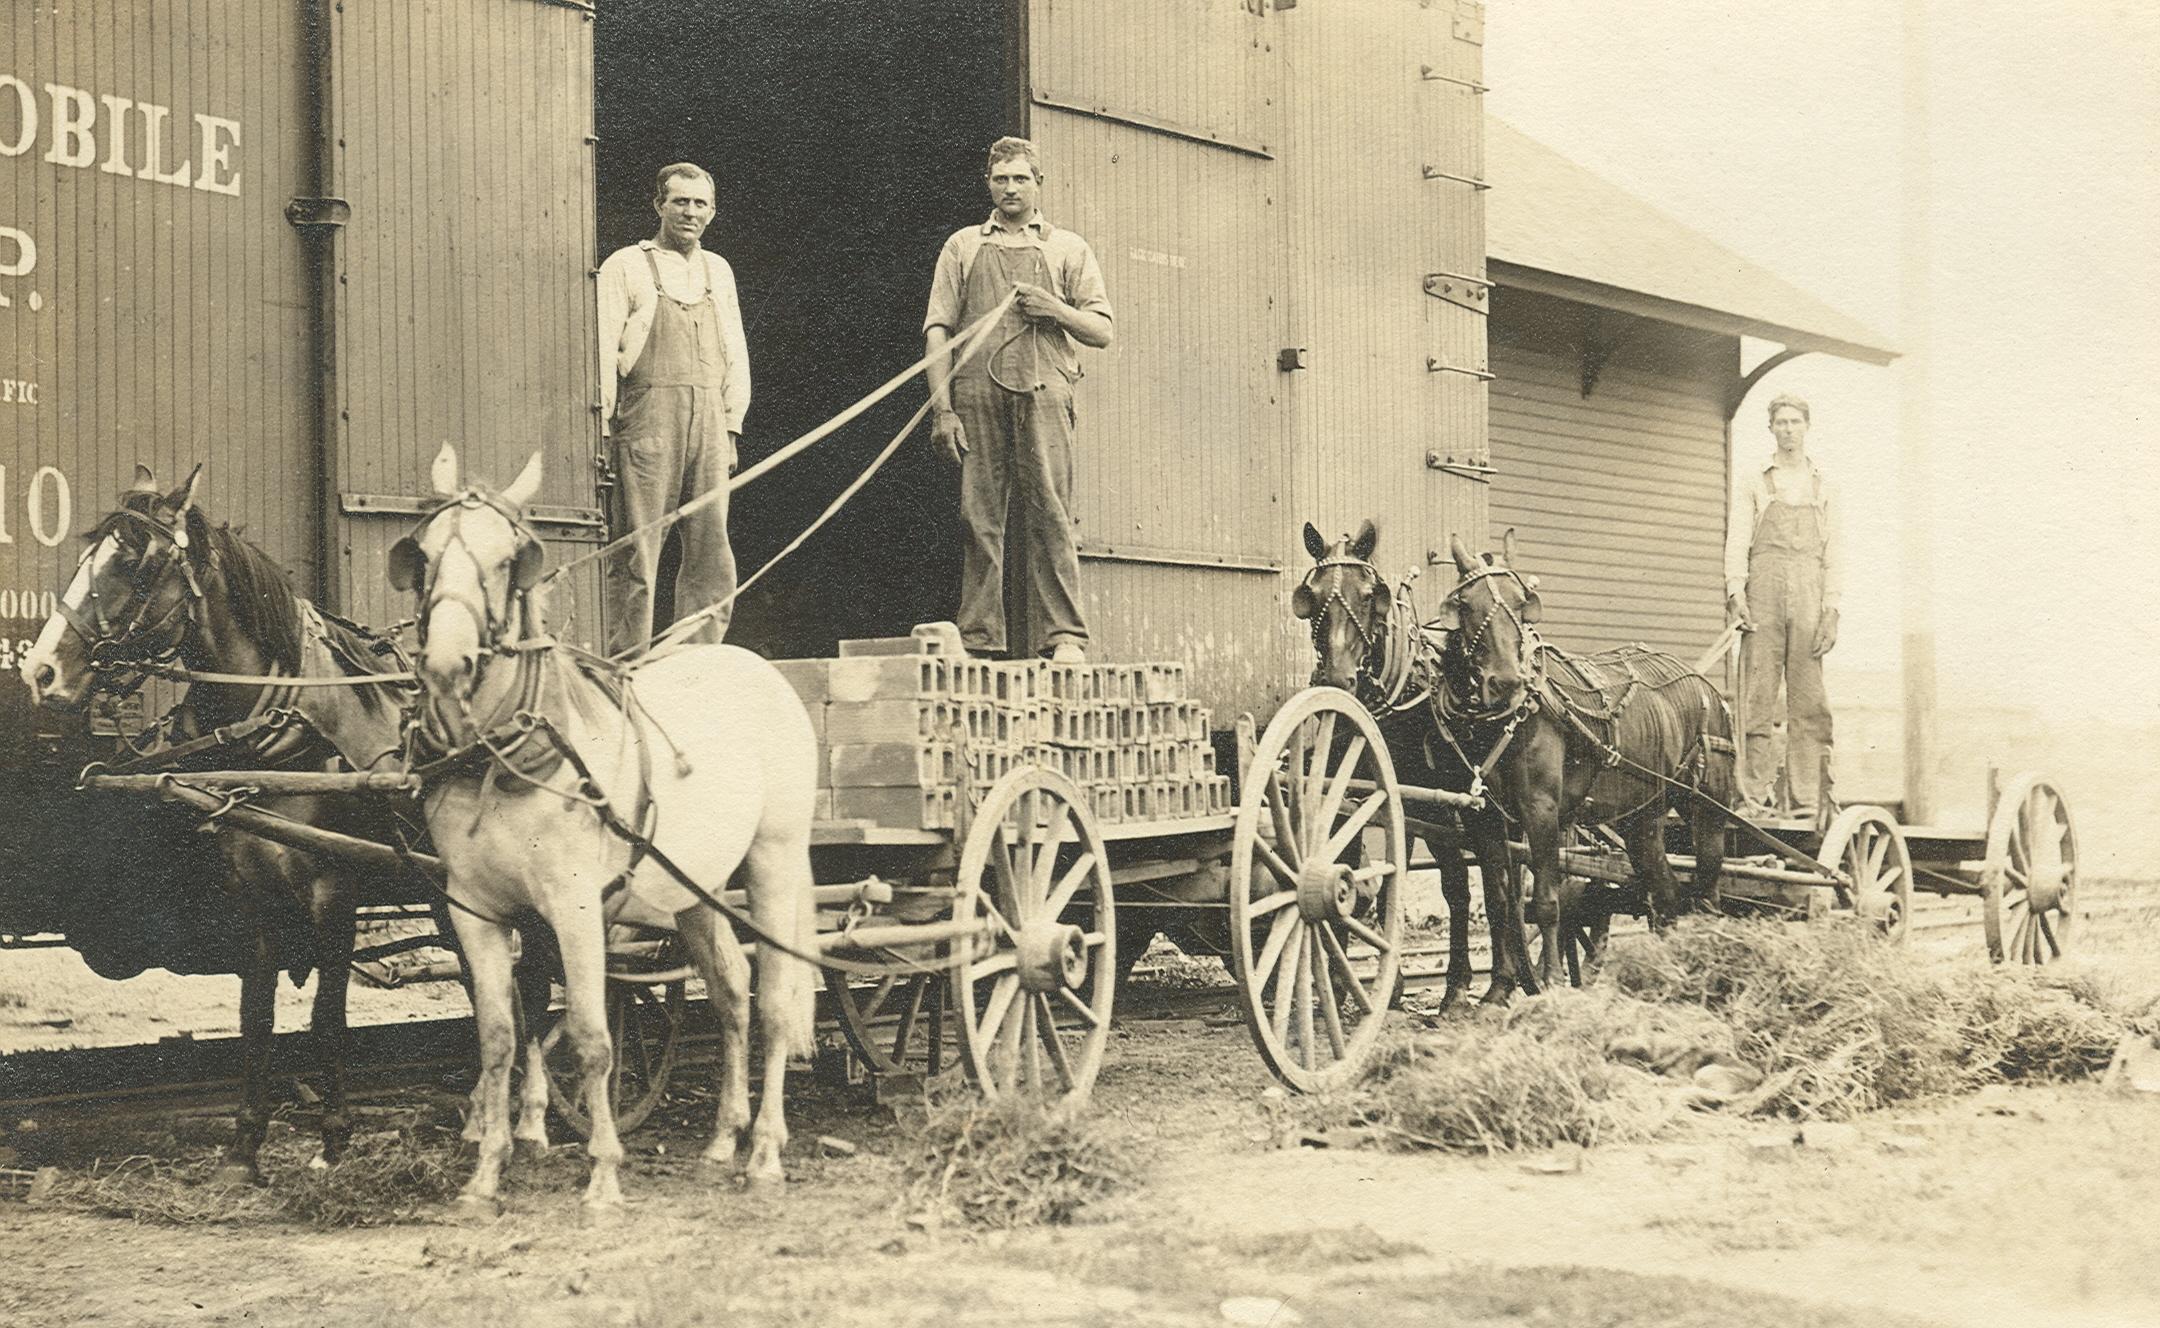 boelus men 1923-boelus 19, ong 17 1922-ashland 11, orchard 8 1921-trumbull 9, ashland 6  class n 1928-maywood 16, cedar bluffs 15 1927-plymouth 24, ohiowa 6.